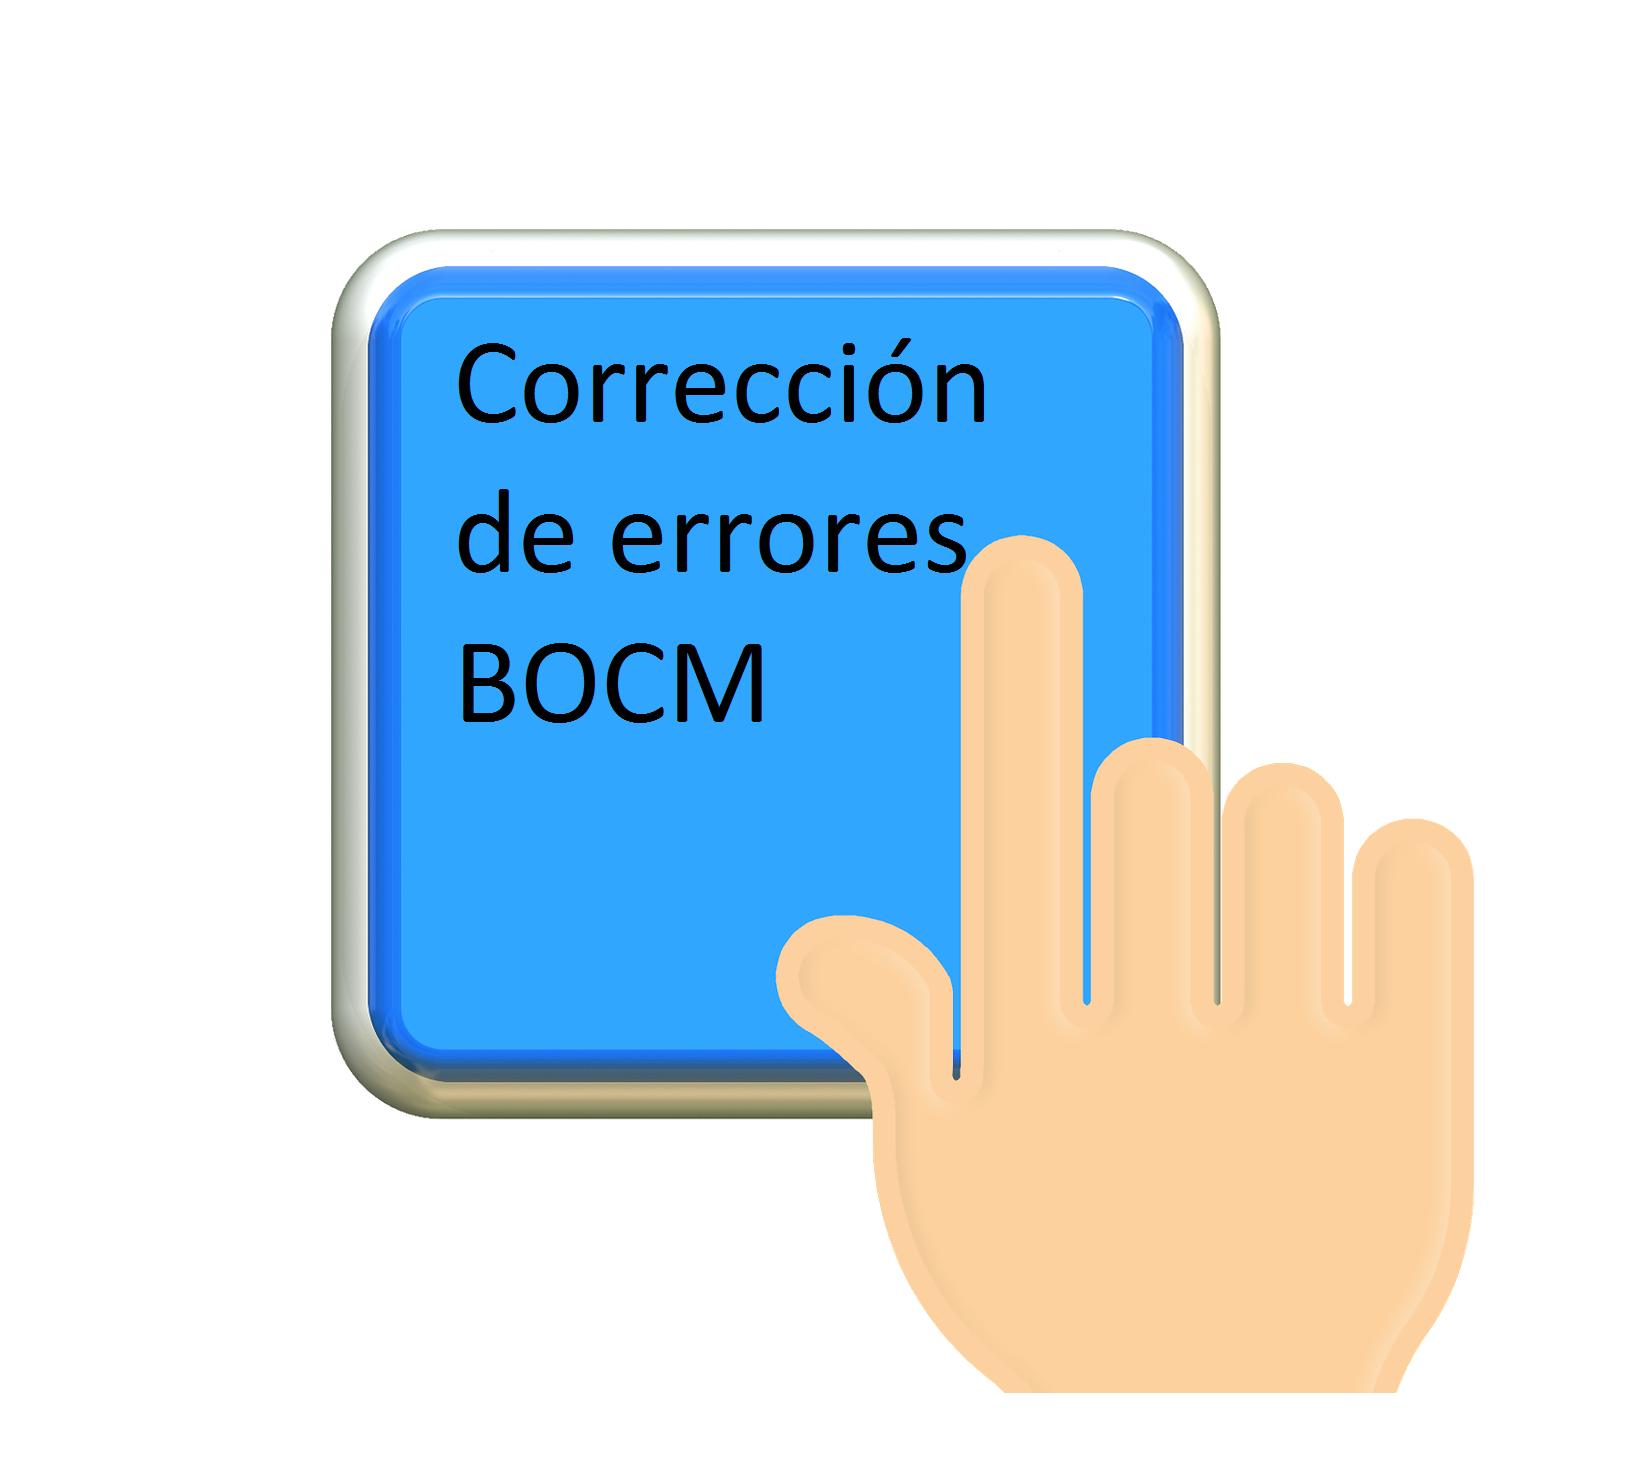 Acceso al BOCM corrección de errores fiestas locales 2018